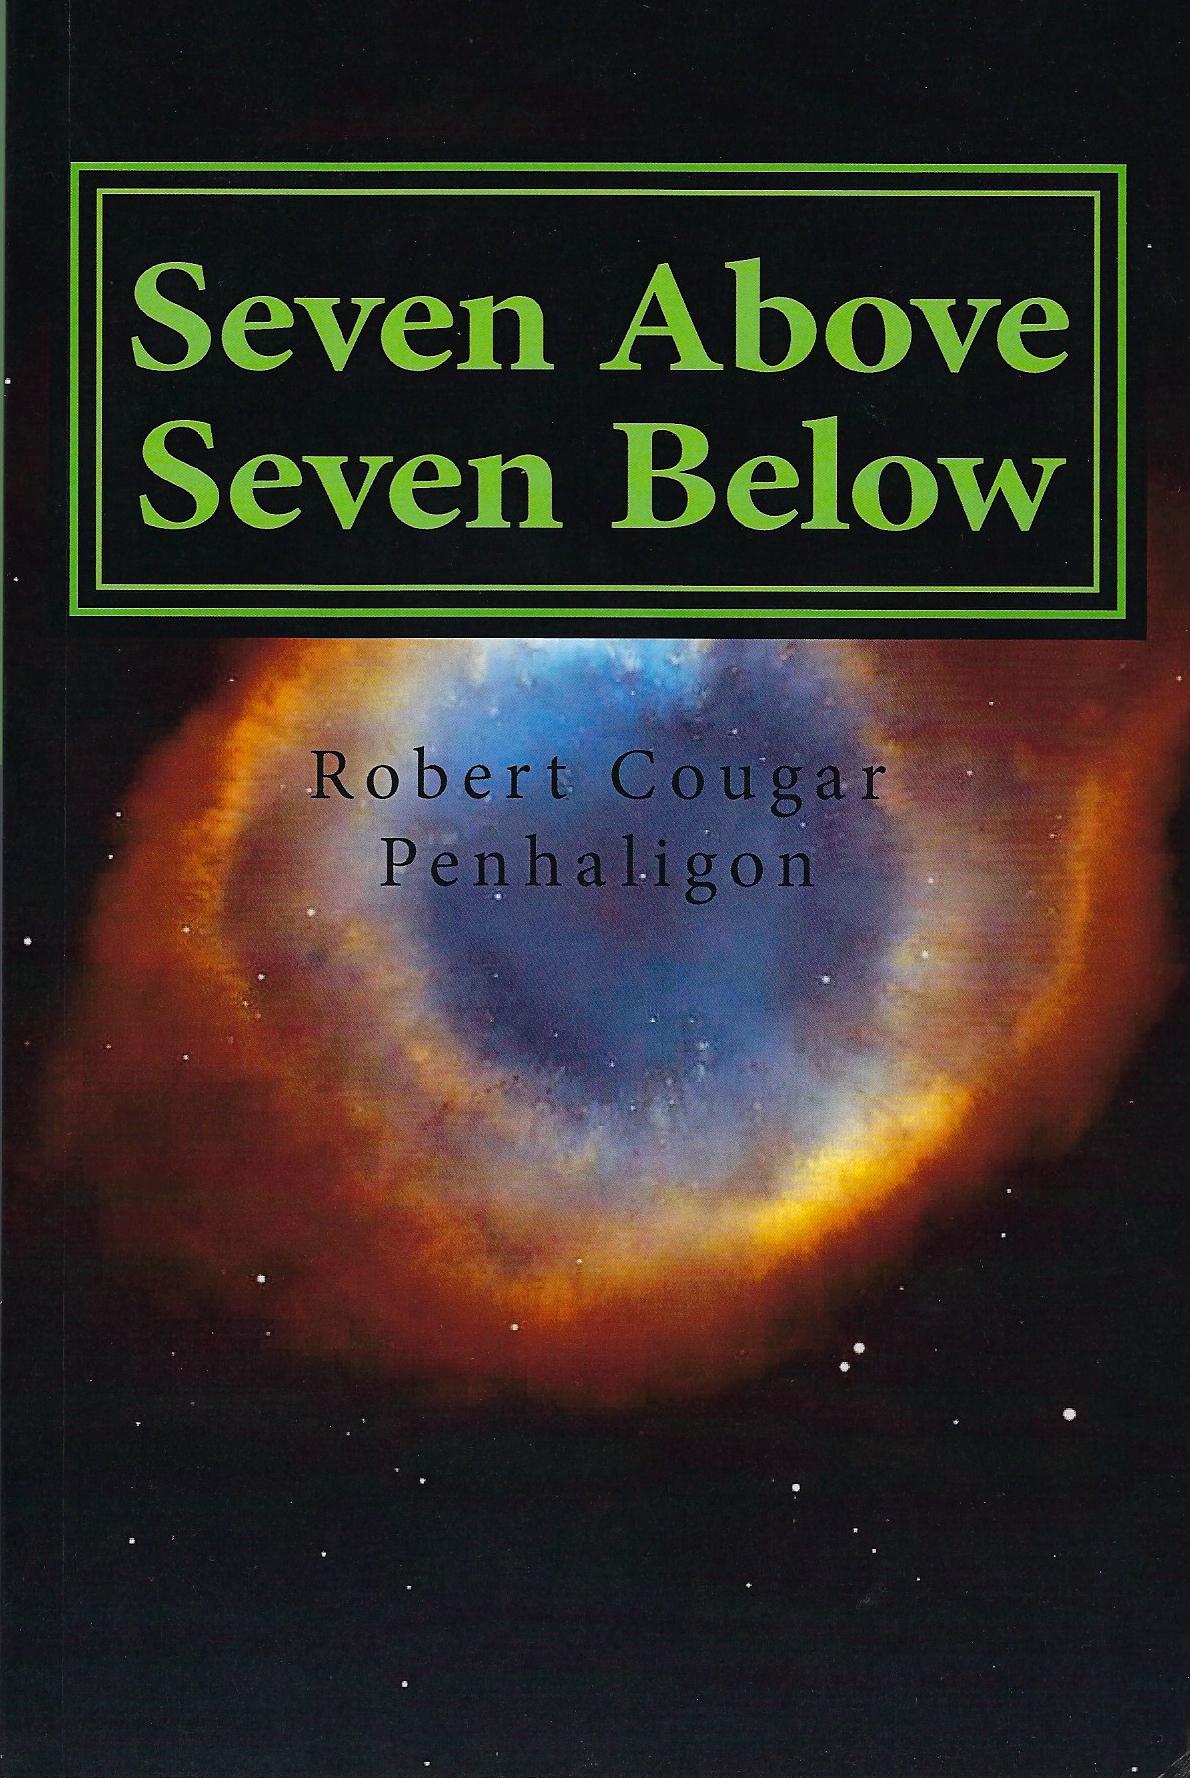 Seven Above Seven Below.jpg